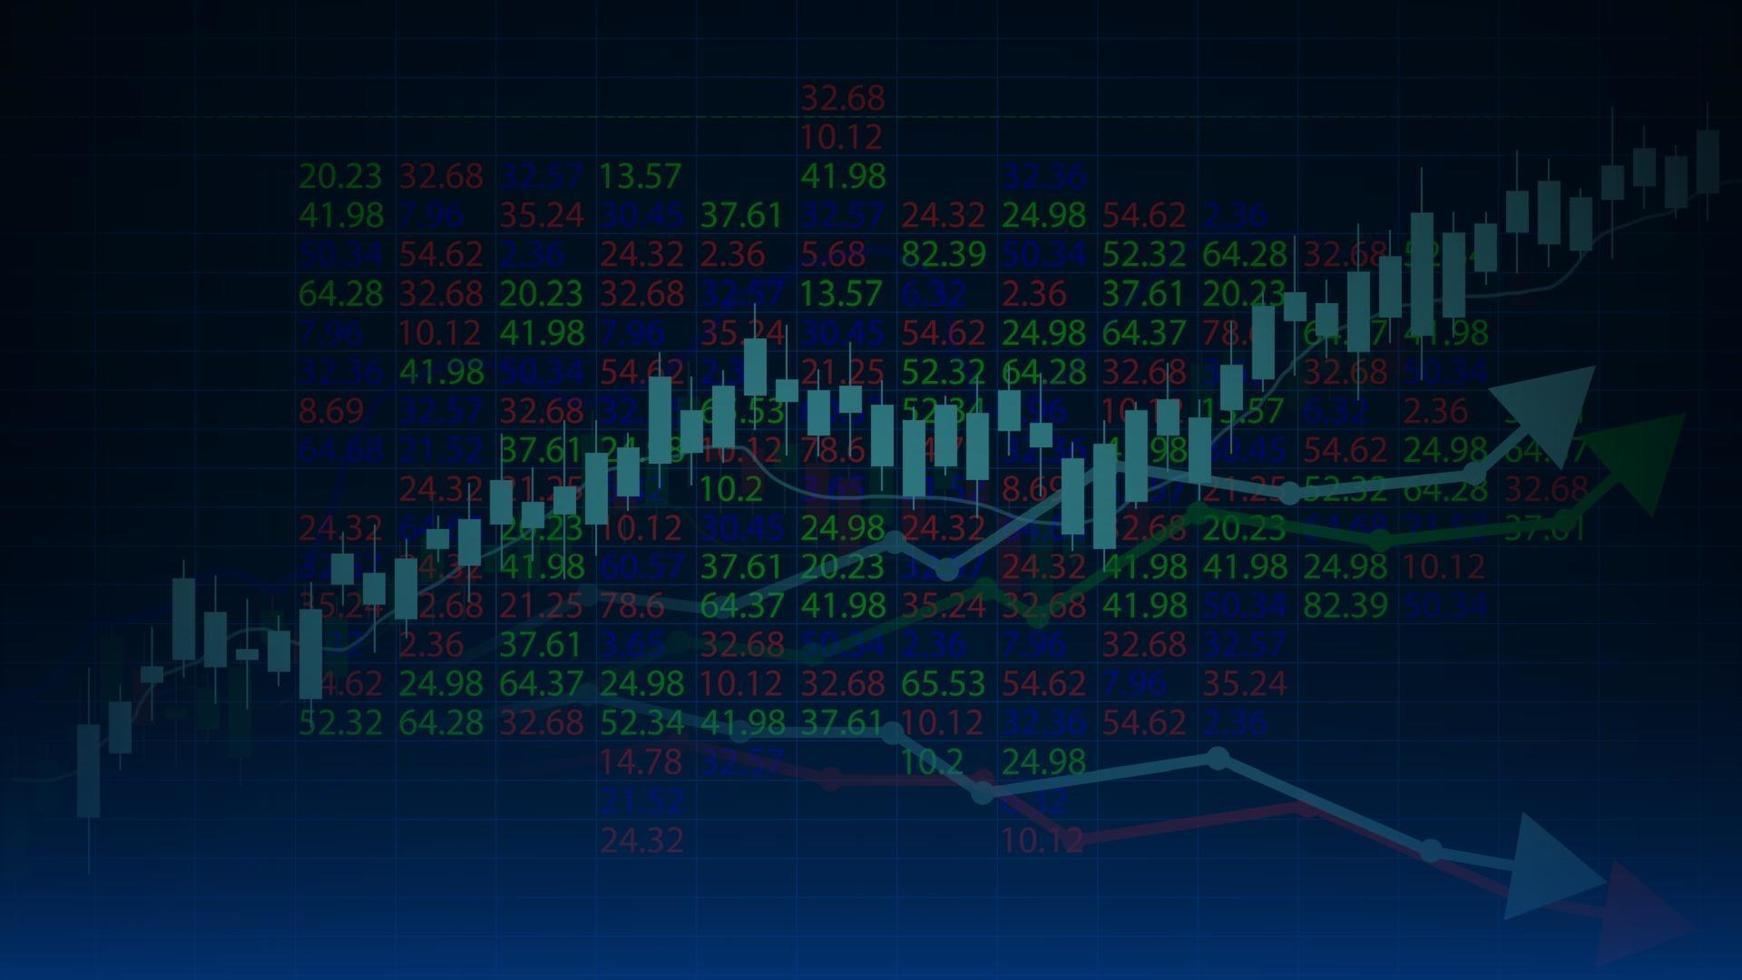 aktiemarknadsdiagramhandelsdiagram för affärs- och finansiella begrepp, vektorillustration vektor